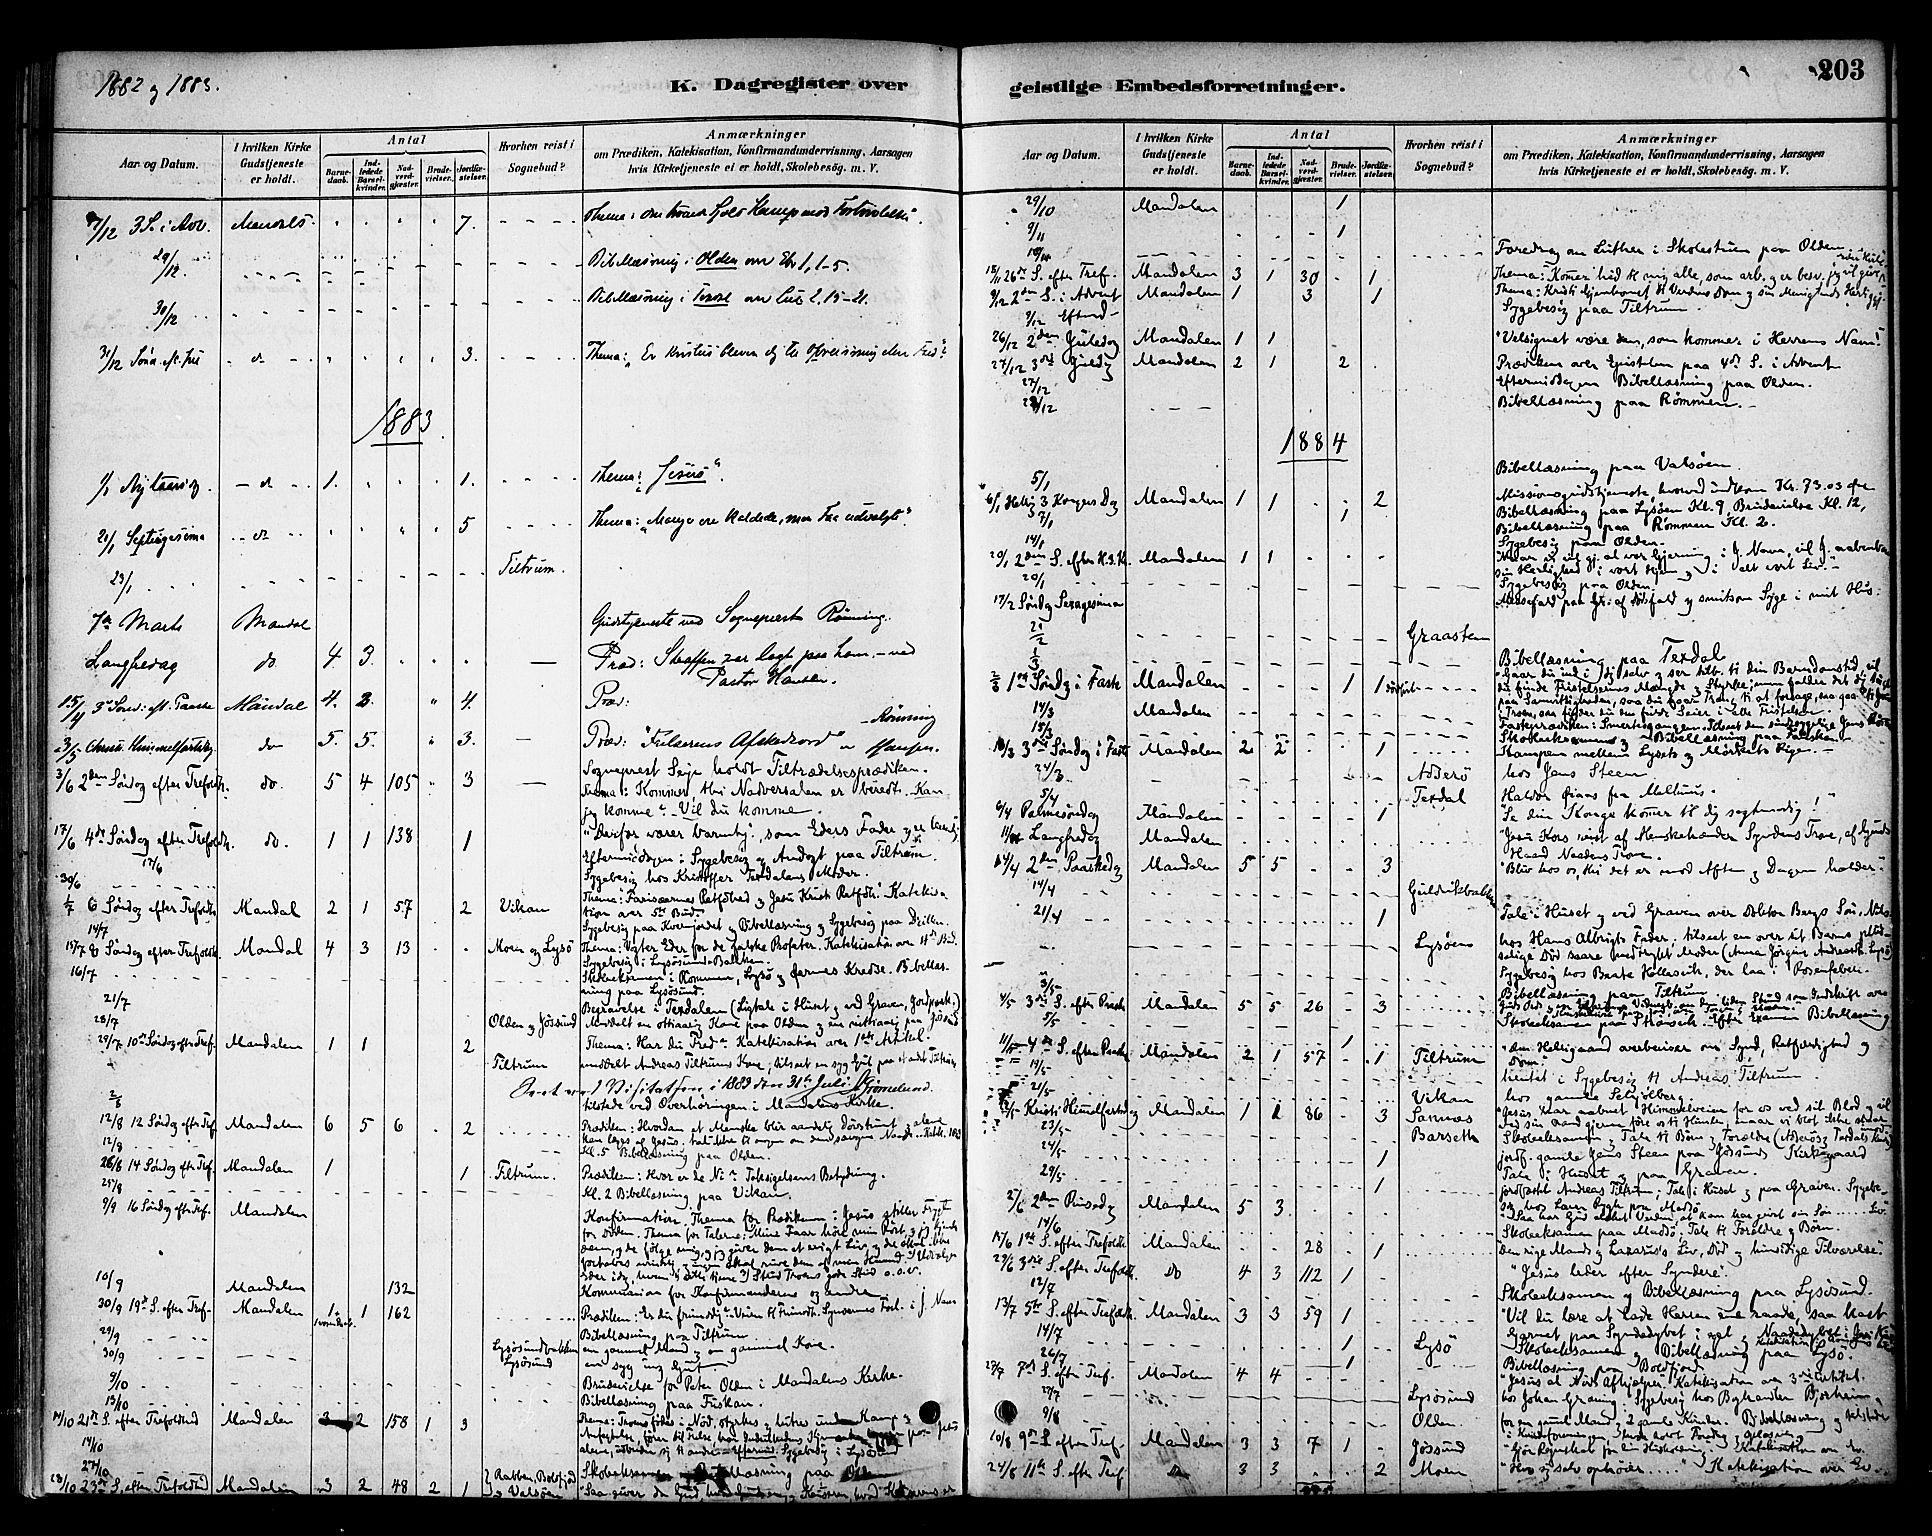 SAT, Ministerialprotokoller, klokkerbøker og fødselsregistre - Sør-Trøndelag, 654/L0663: Ministerialbok nr. 654A01, 1880-1894, s. 203